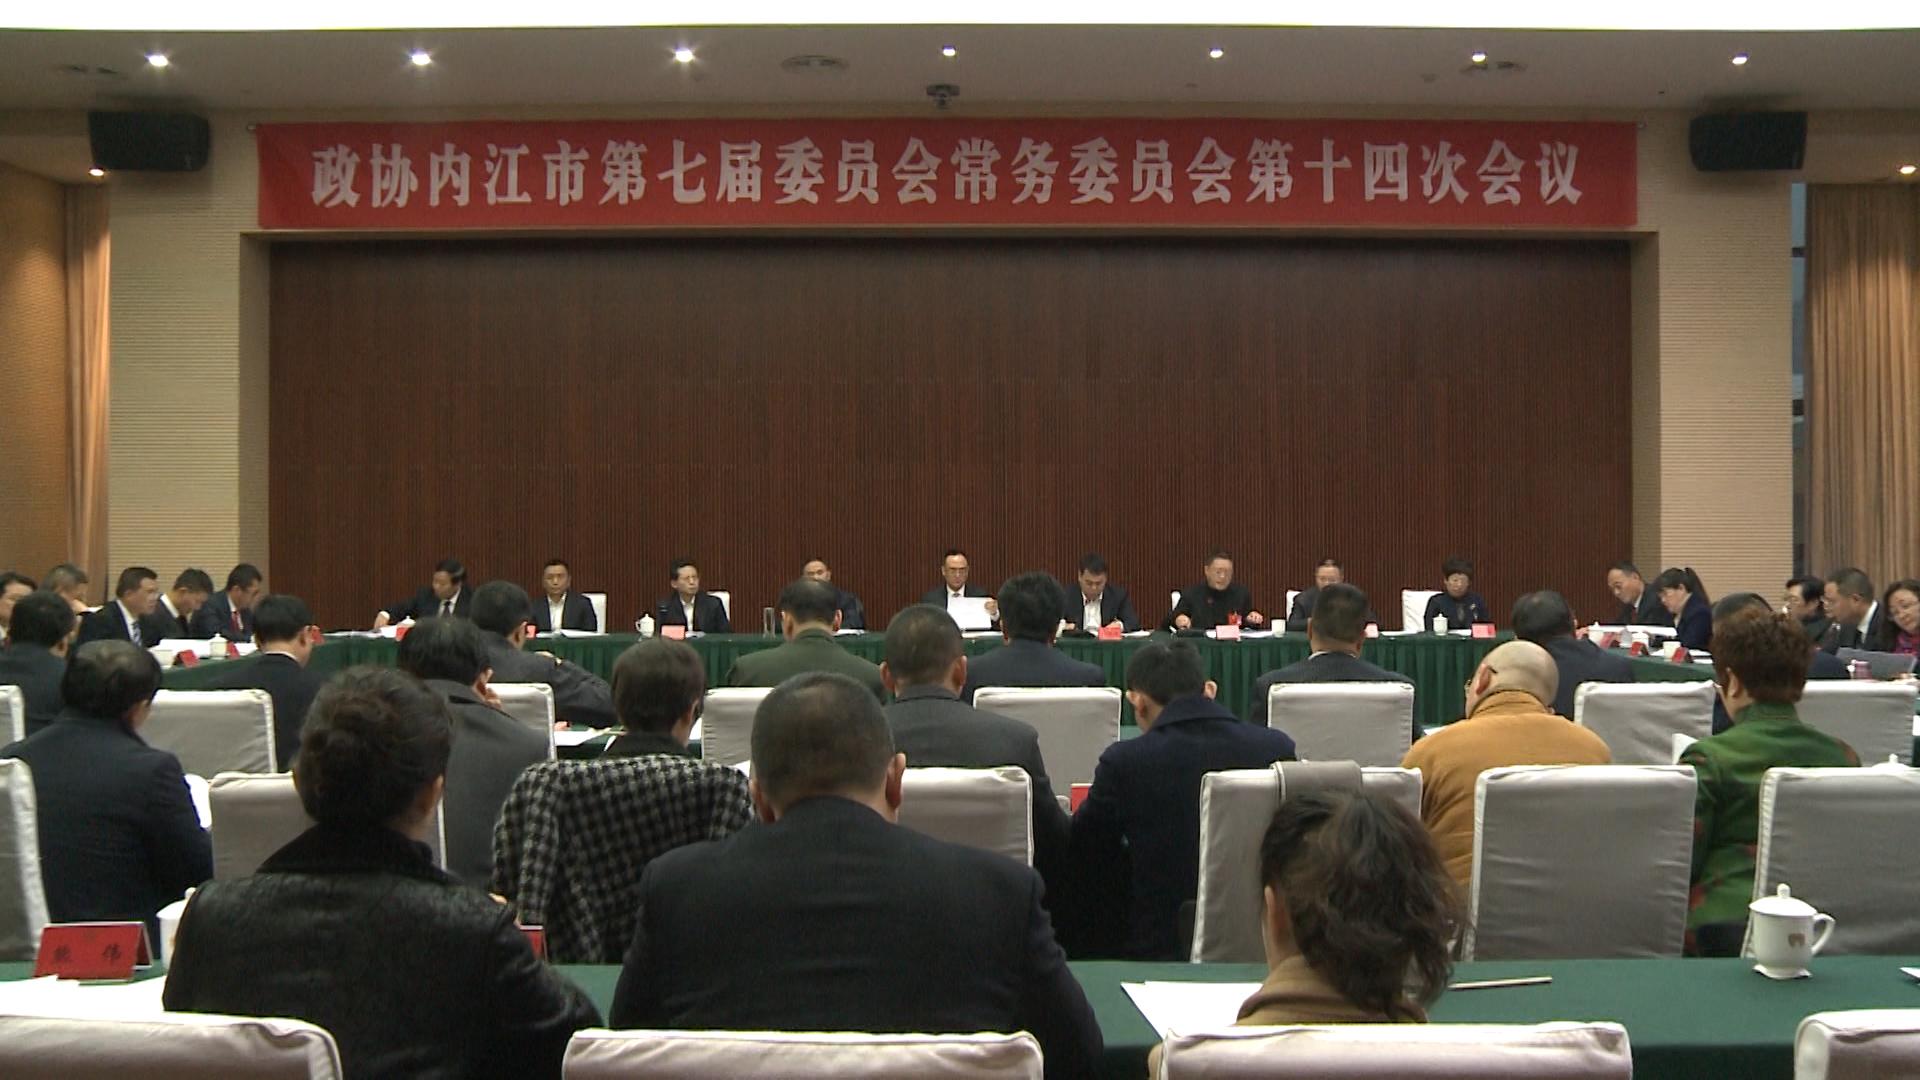 市政协召开七届第十四次常委会议第一次全体会议